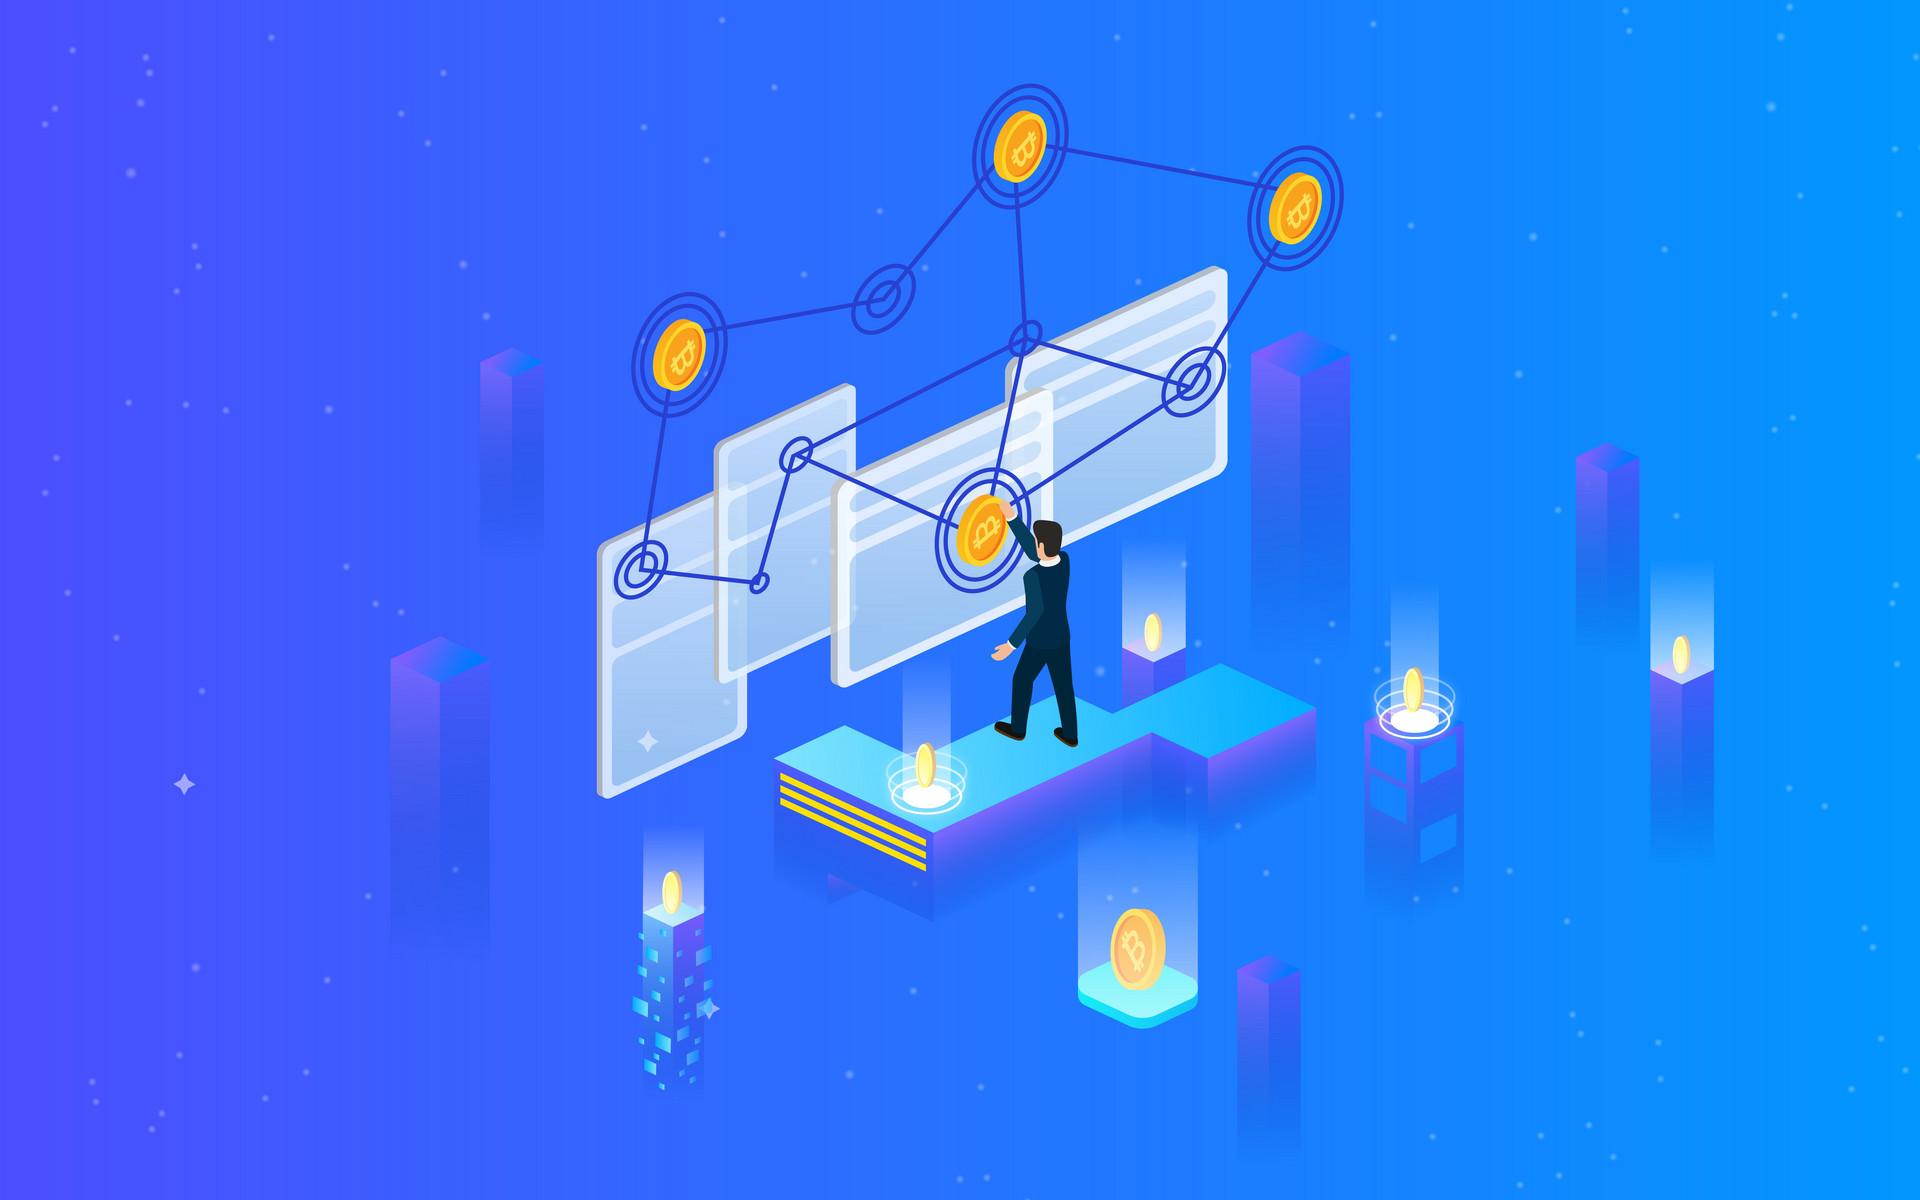 2021年区块链十大发展趋势:数字货币爆发、房地产数字化等......